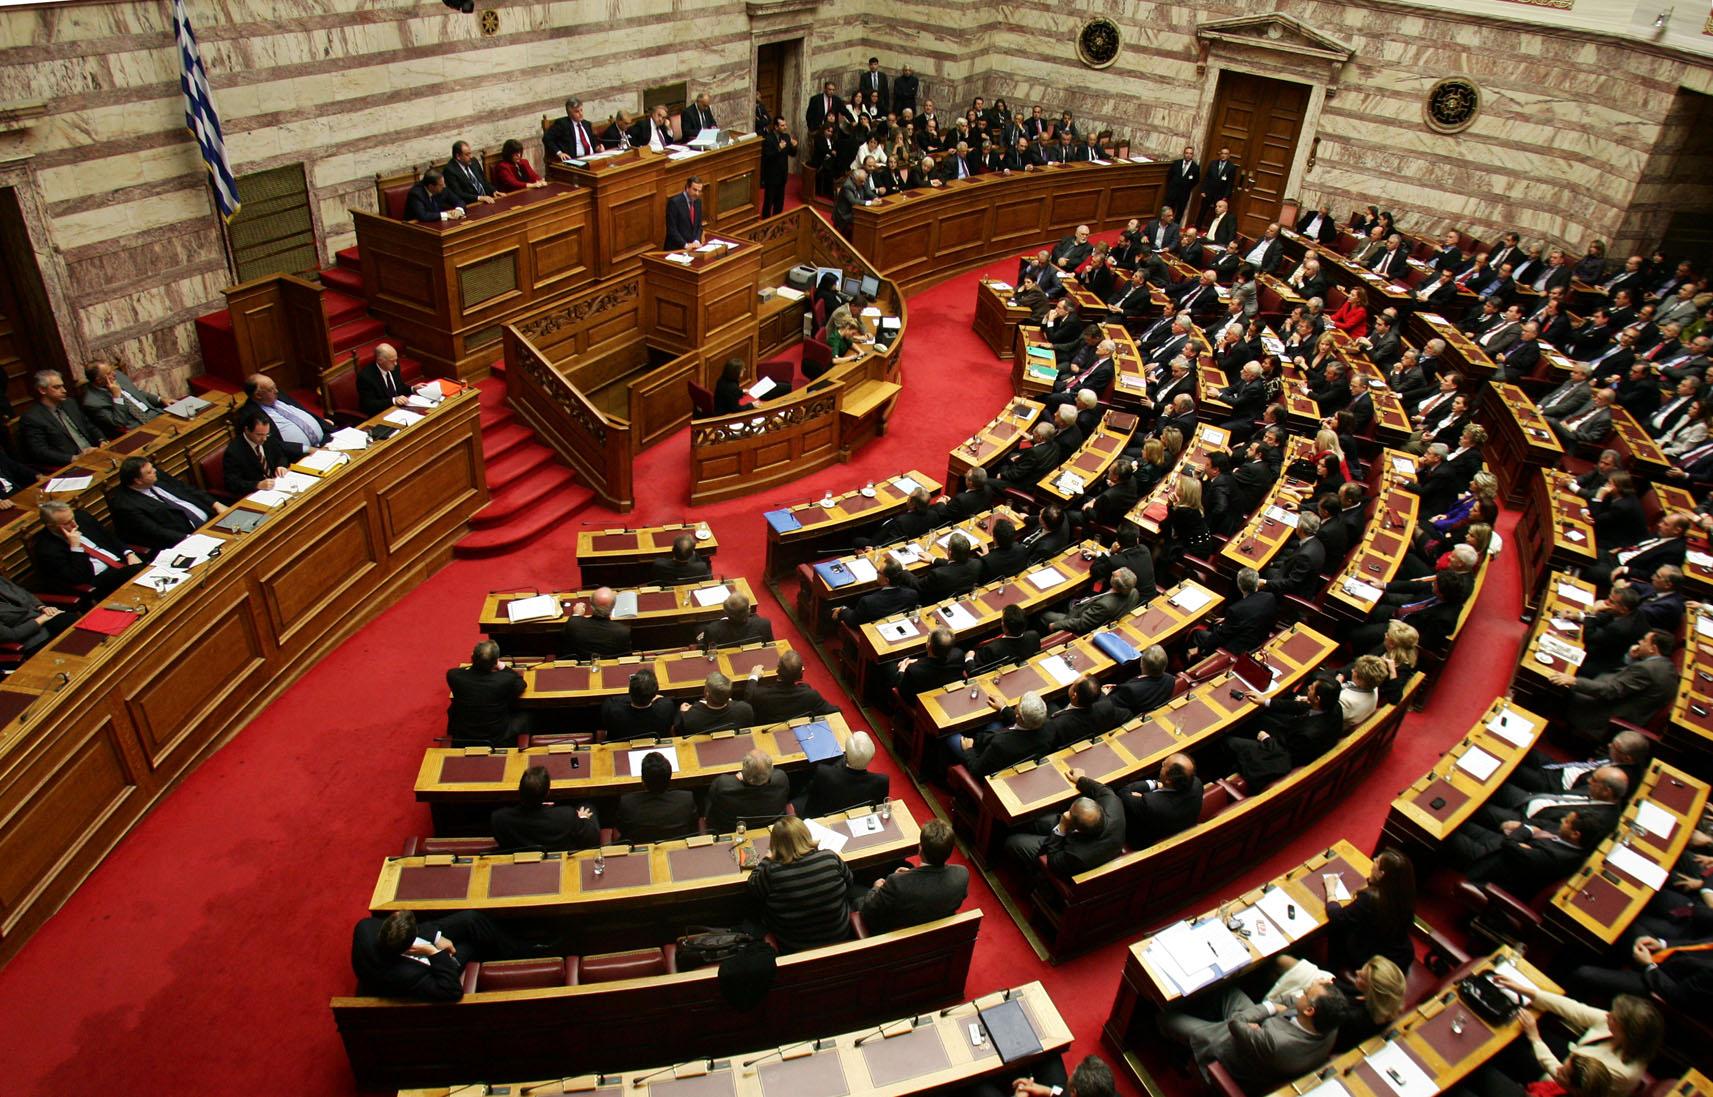 Άρση ασυλίας για 2 βουλευτές και τον αναπληρωτή υπουργό Υγείας Π.Πολάκη